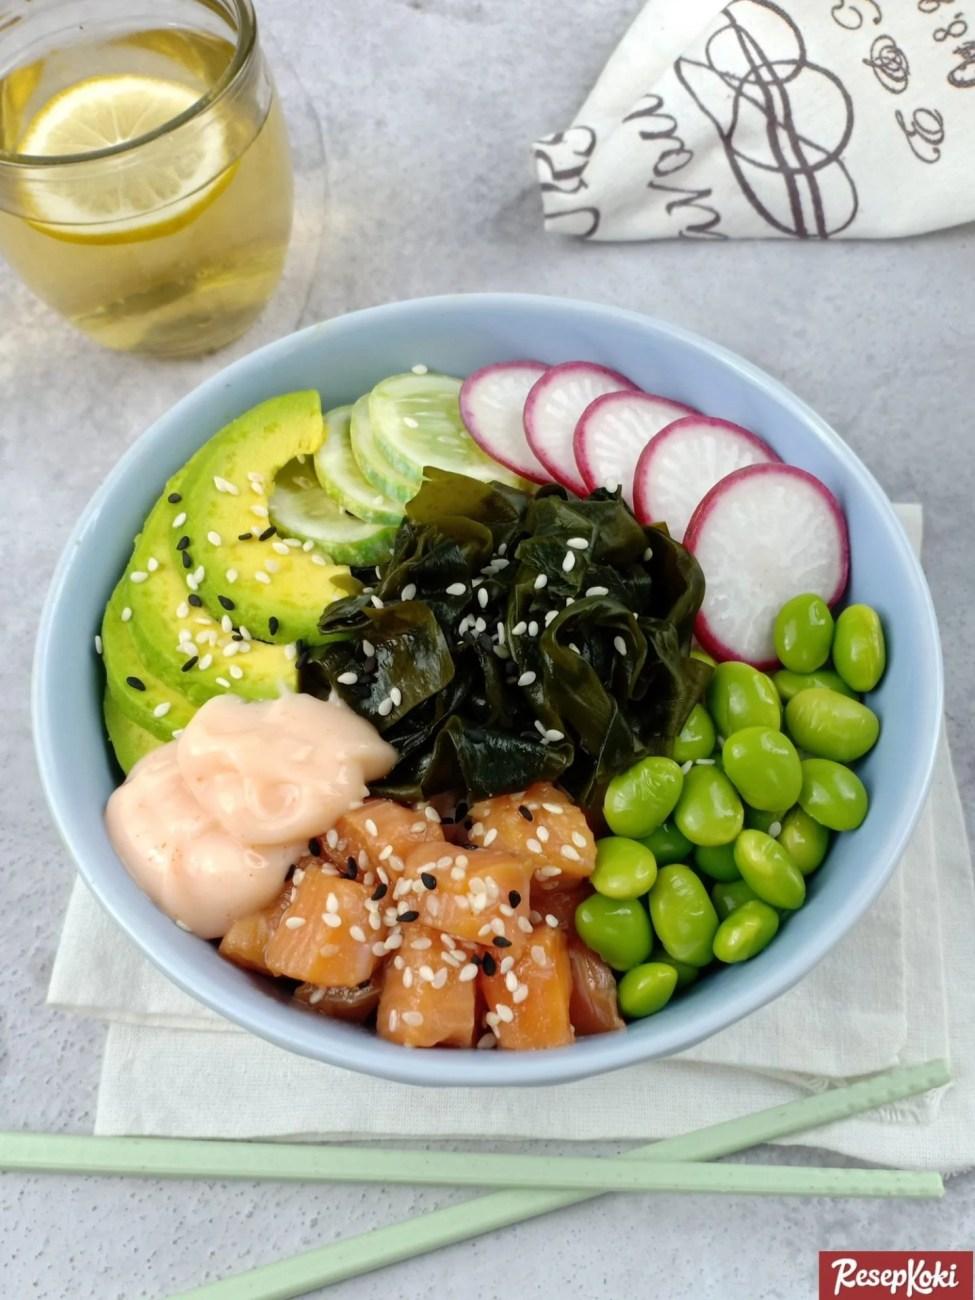 Resep Poke Bowl Salmon